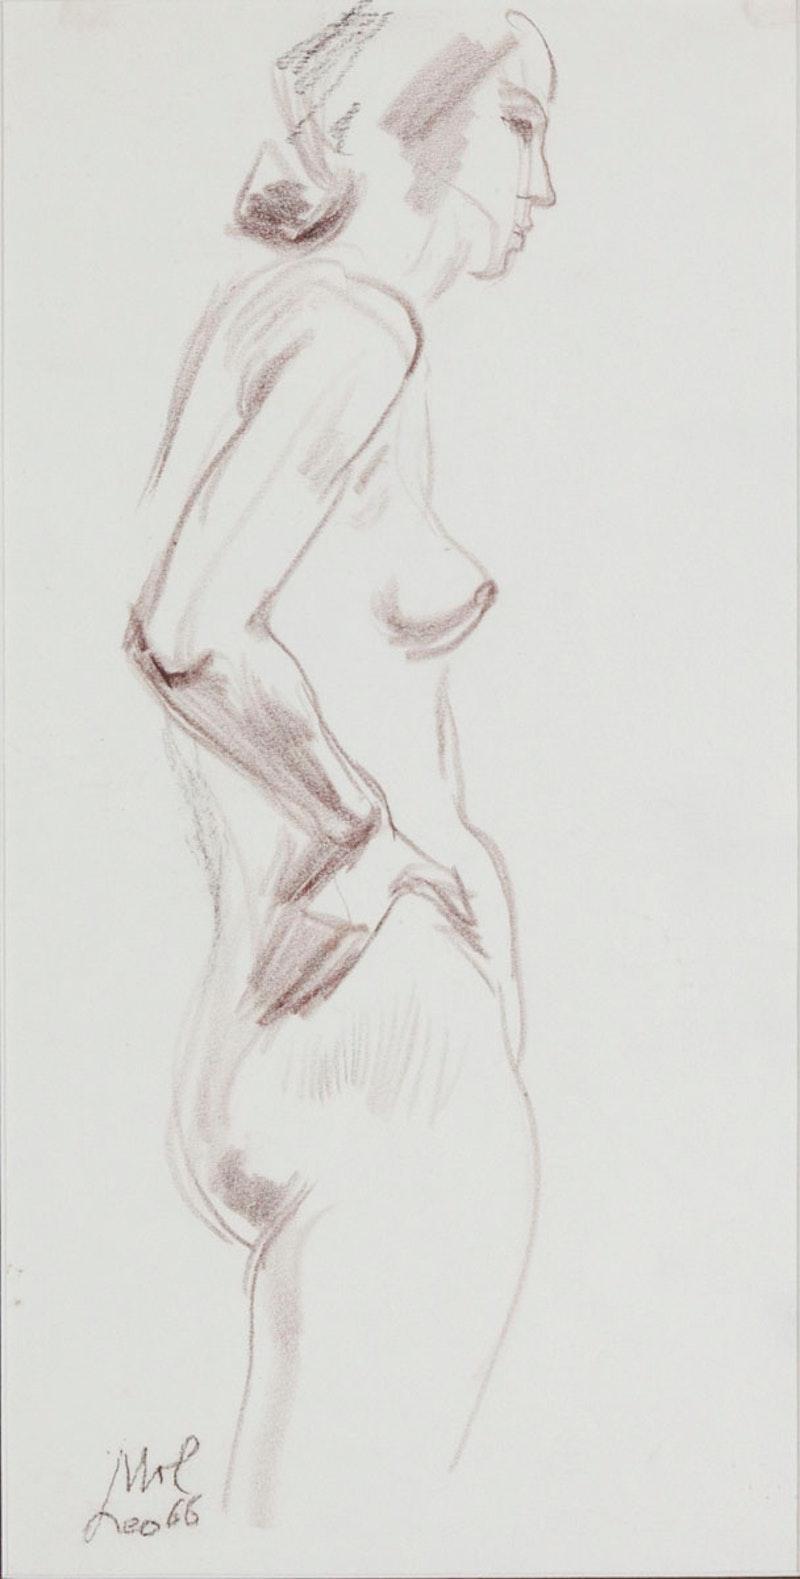 Nude Torso aw25594 Image 1